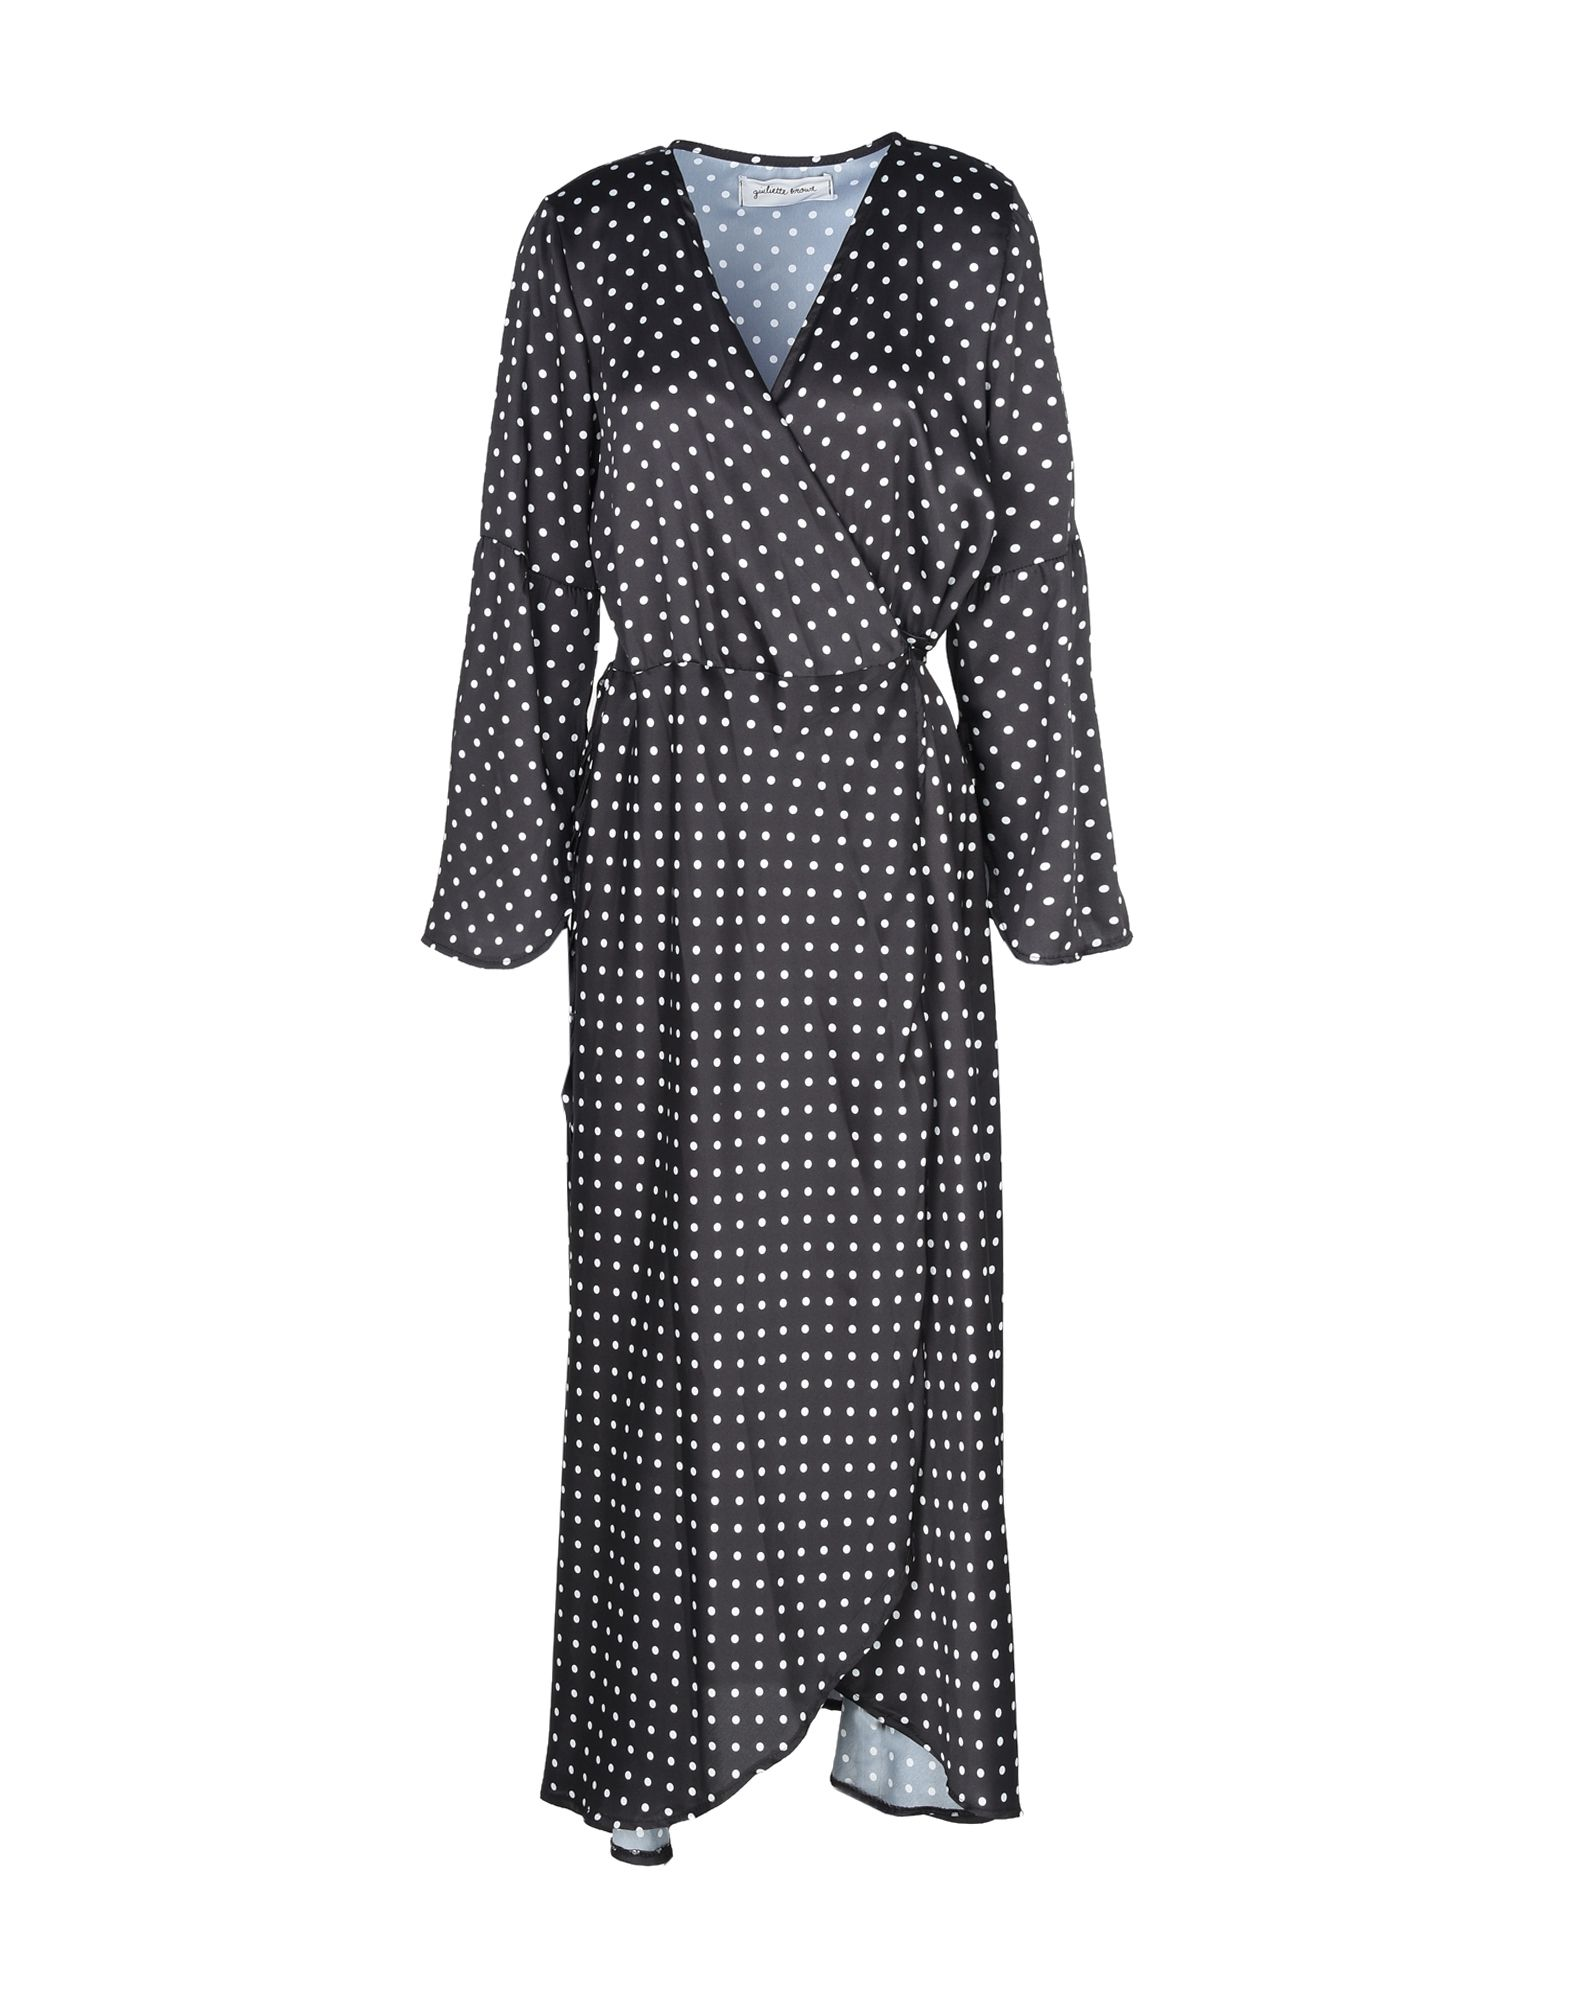 GIULIETTE BROWN Платье длиной 3/4 платье 3 в 1